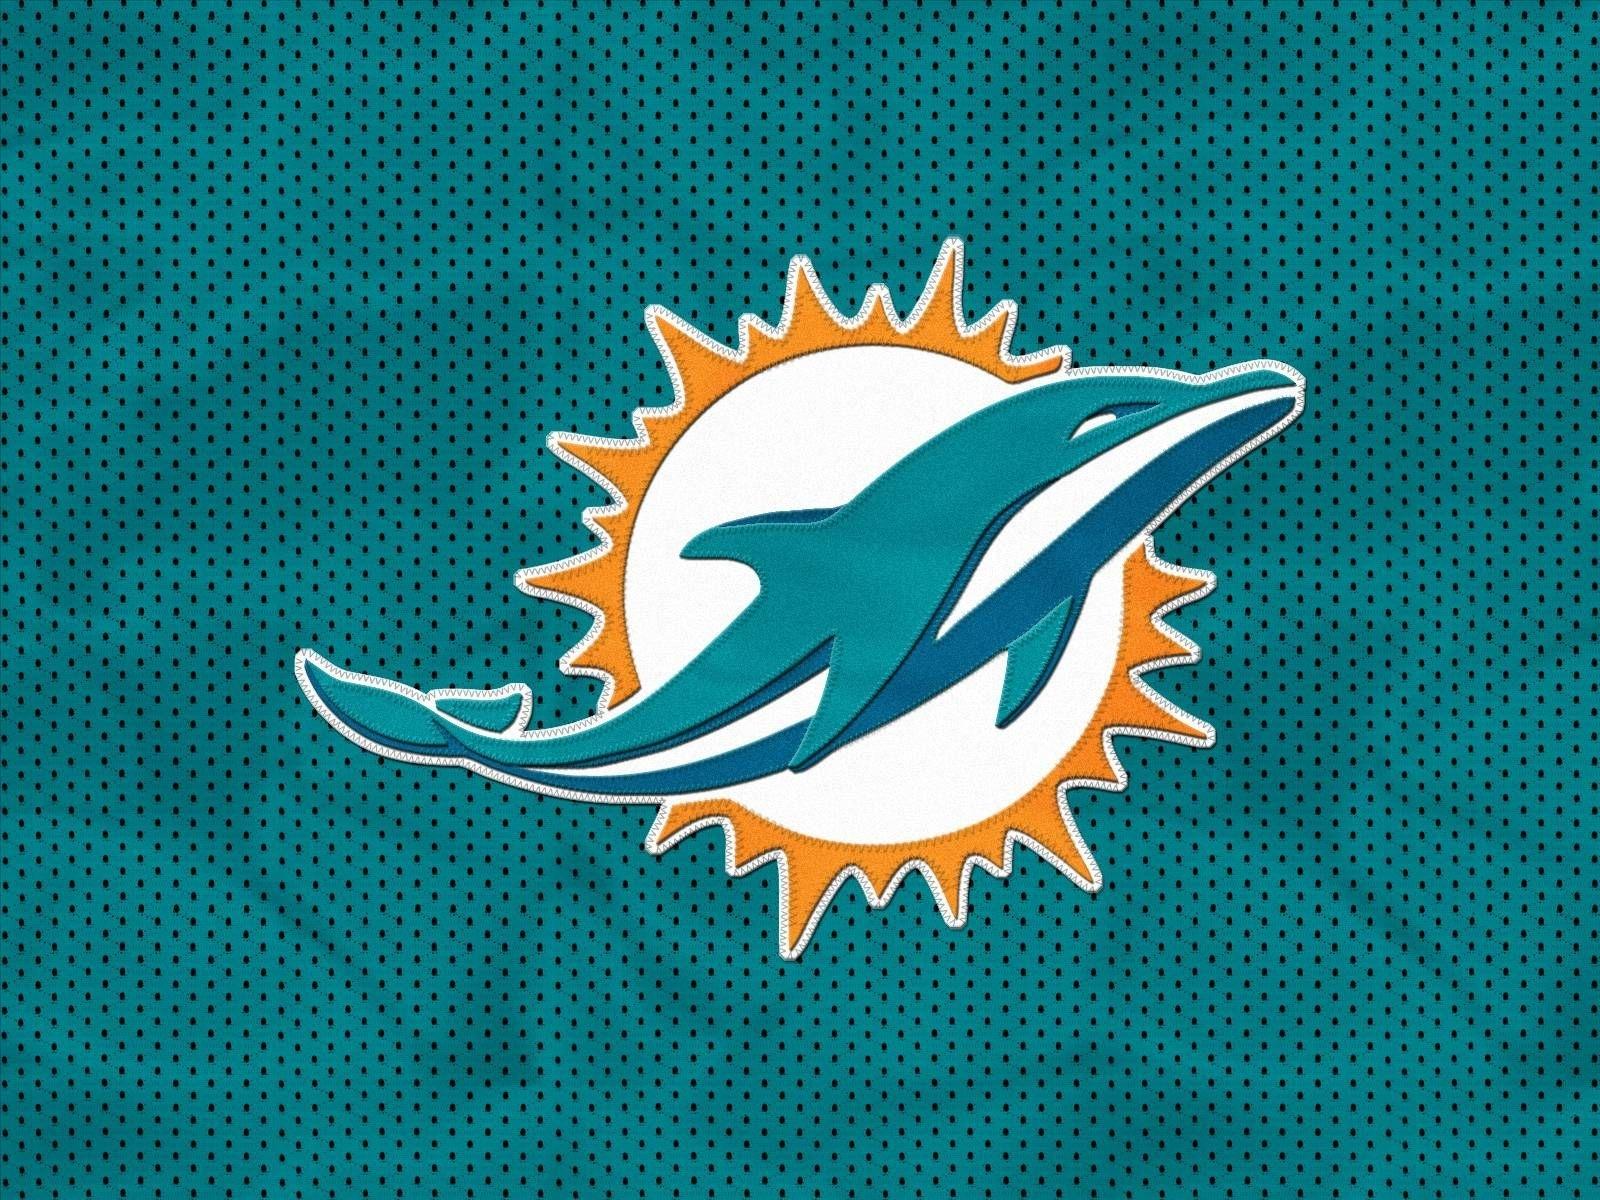 miami dolphins logo desktop wallpaper | miami dolphins new logo